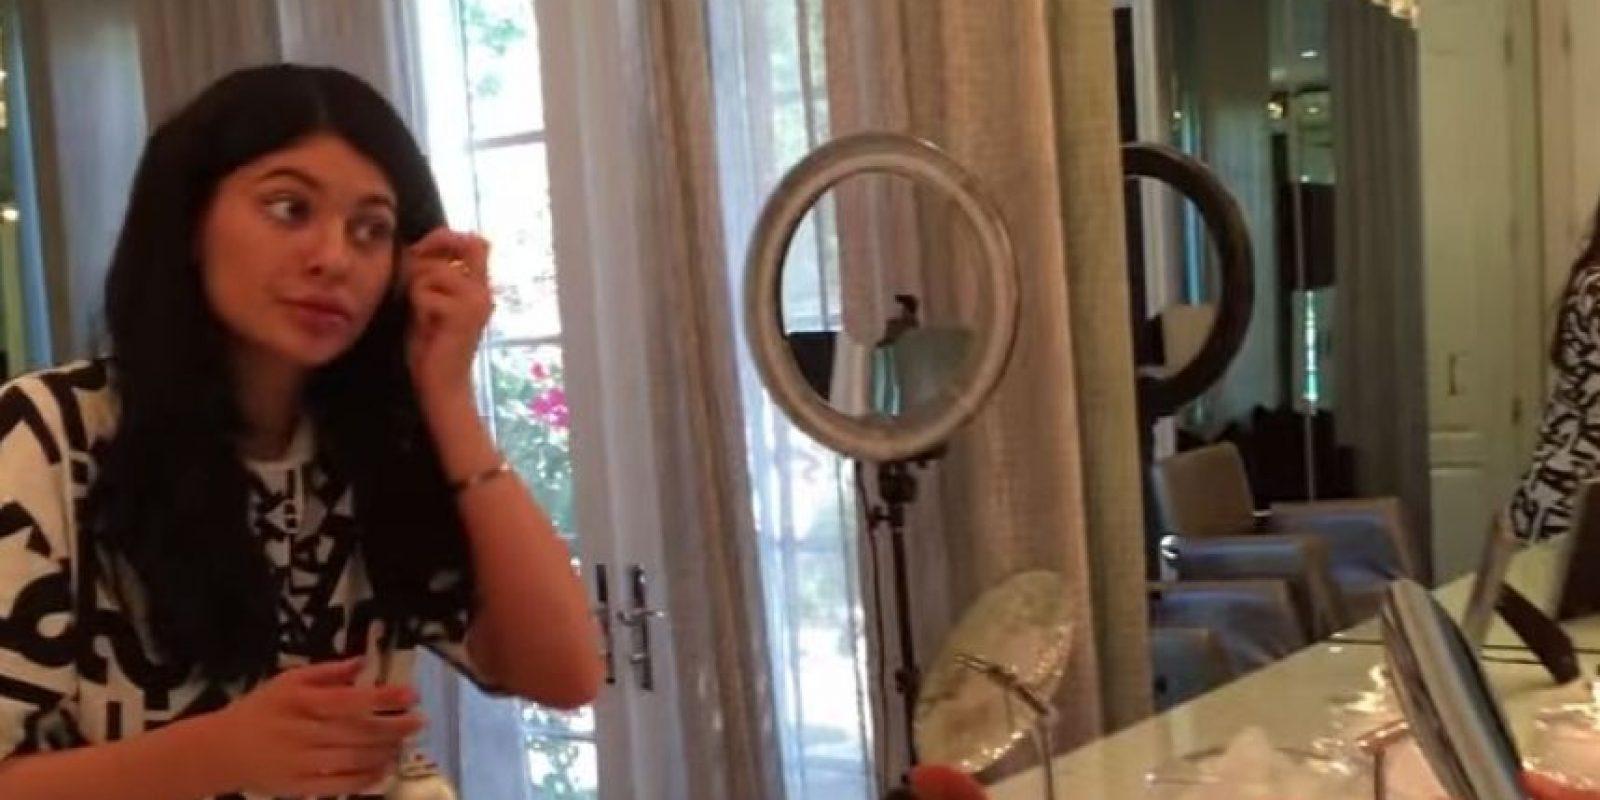 Después, elimina el excedente con una brocha Sephora de 60 dólares y pone un poco de corrector en sus ojeras. El corrector cuesta 29 dólares. Foto:www.thekyliejenner.com